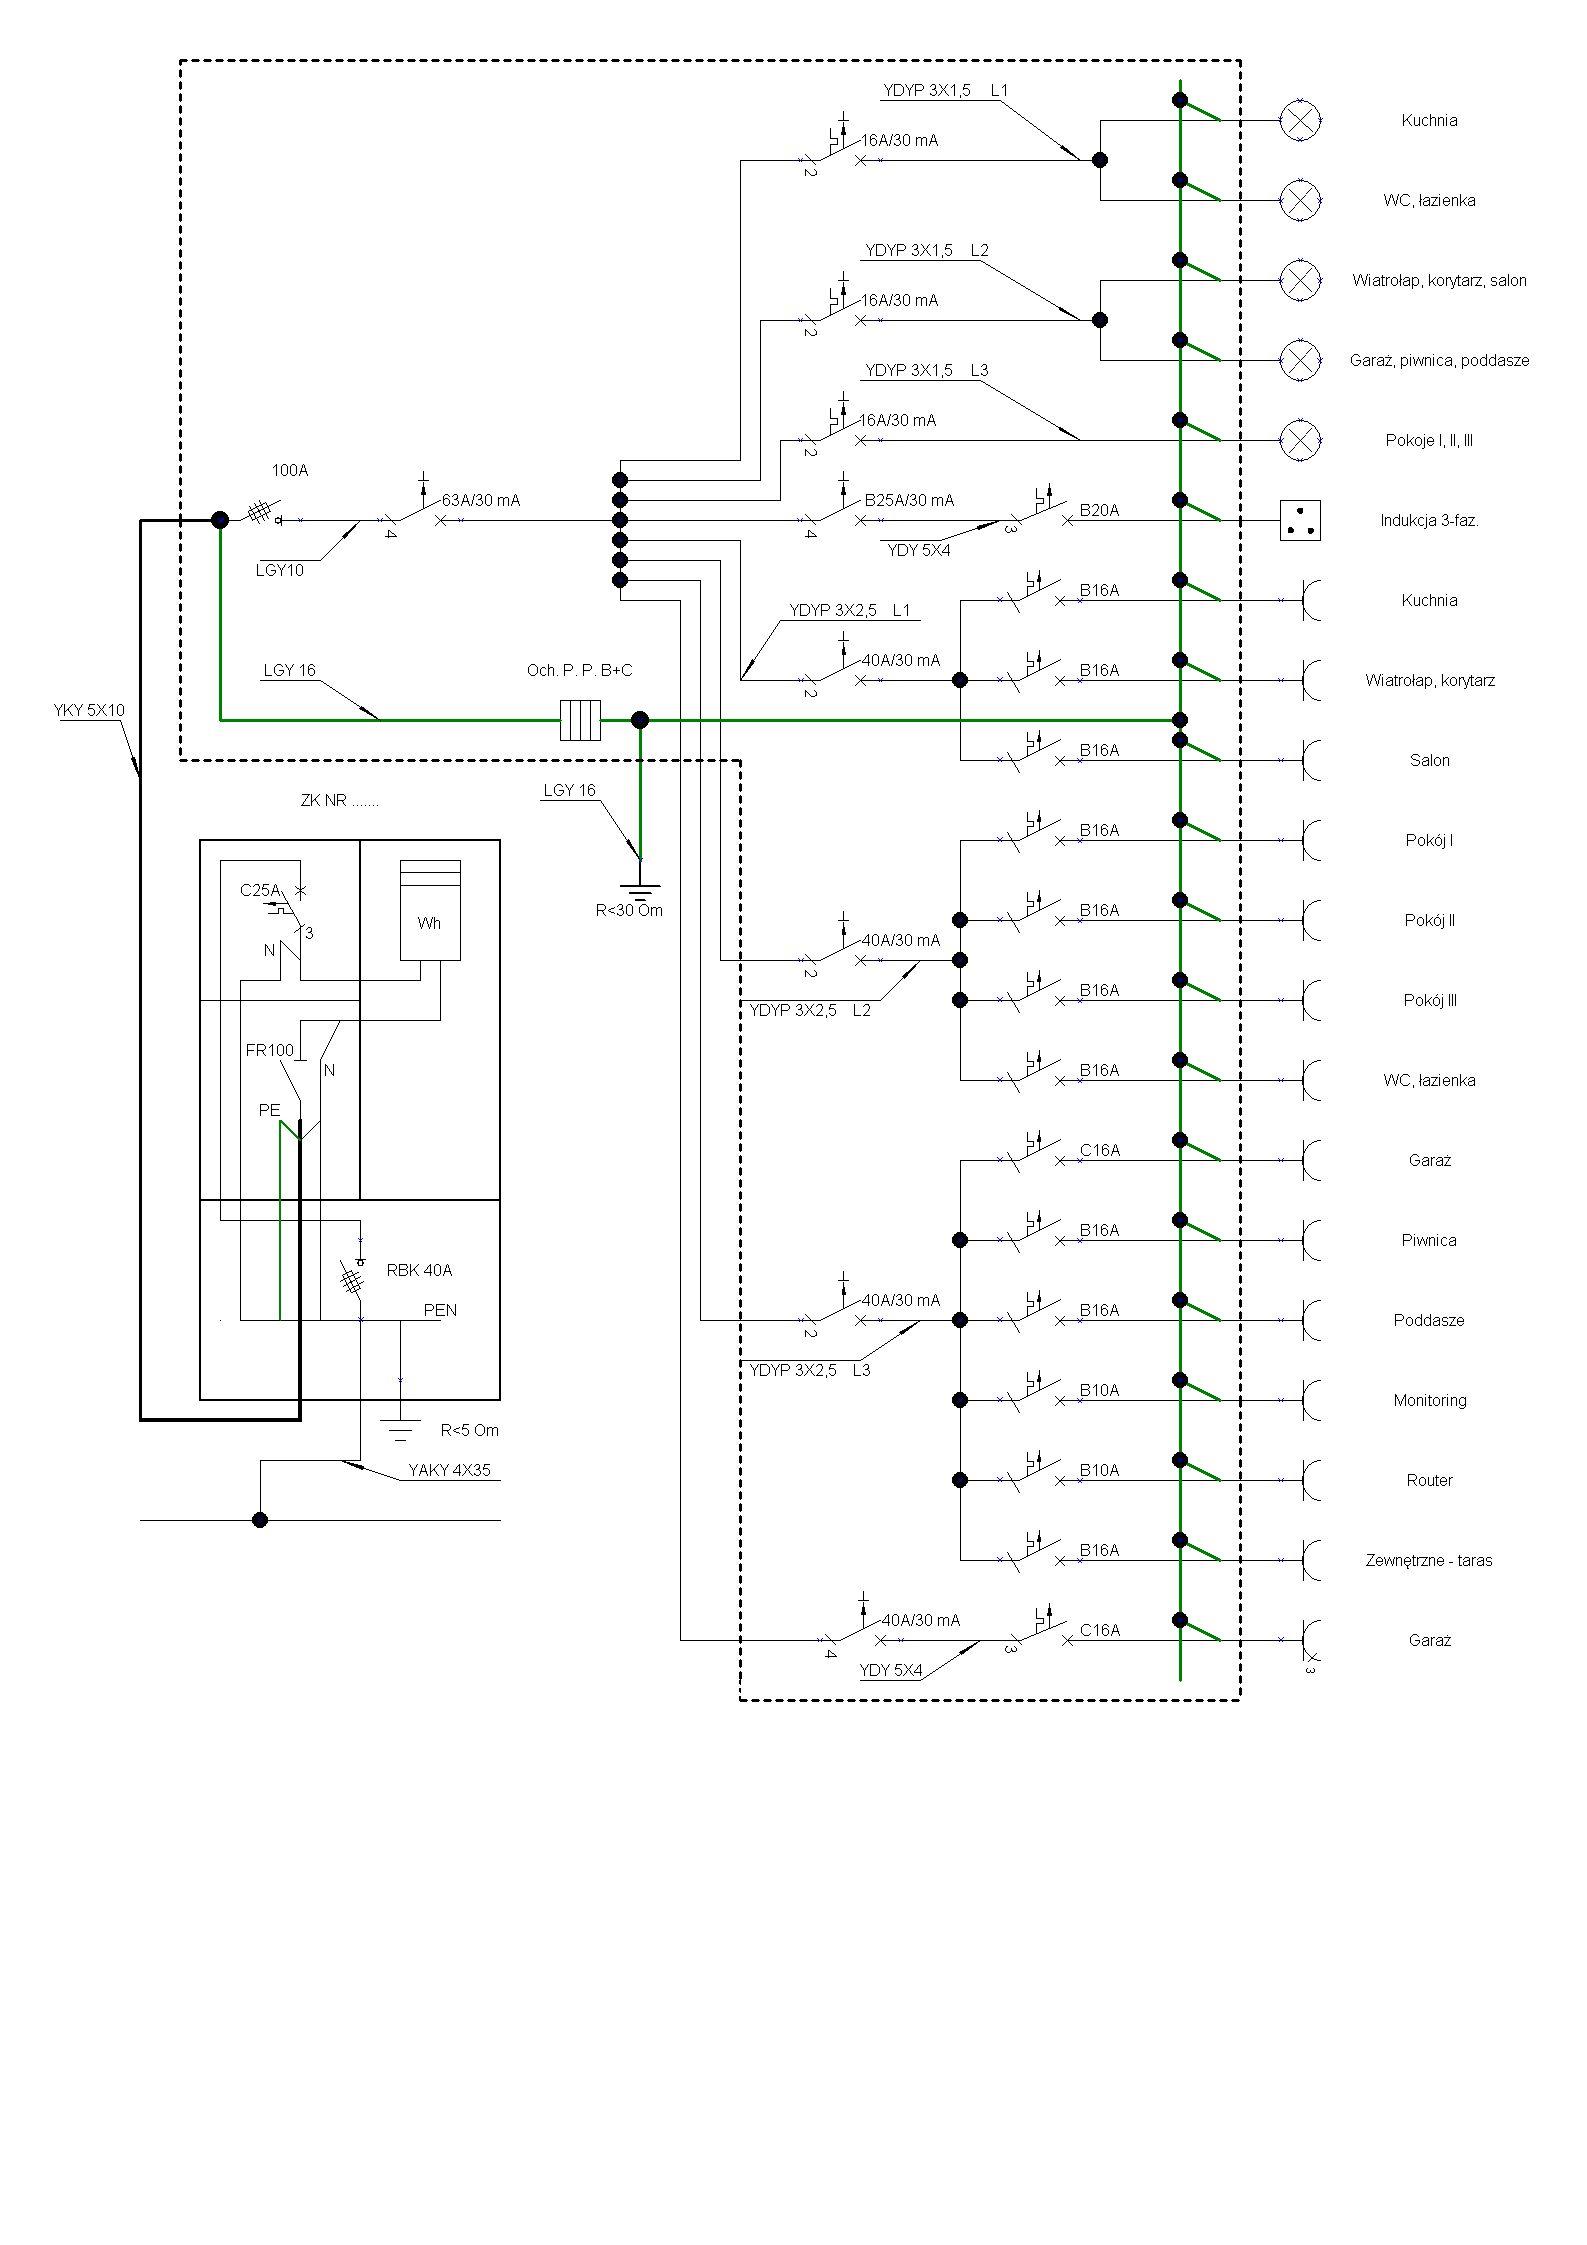 Isepl Schemat Instalacji Elektrycznej Przykład Zasilania Domu